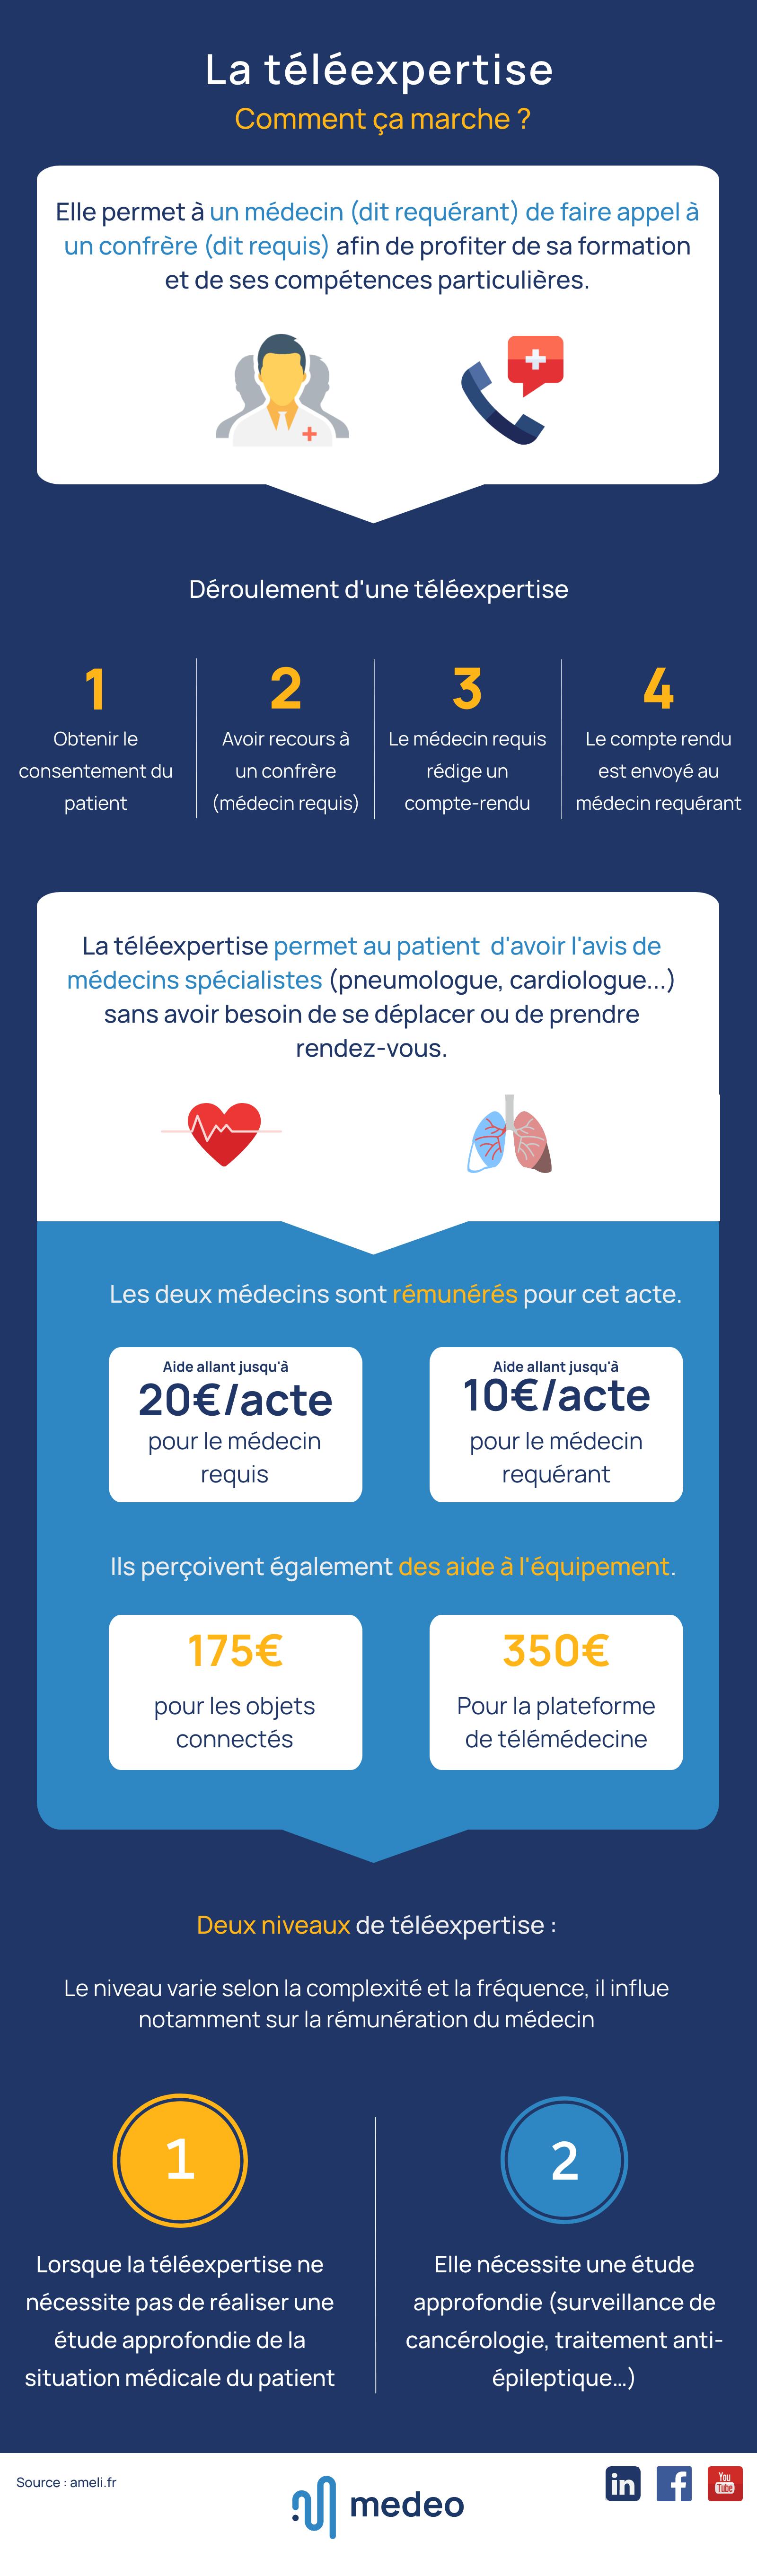 Infographie : La téléexpertise, comment ça marche ?